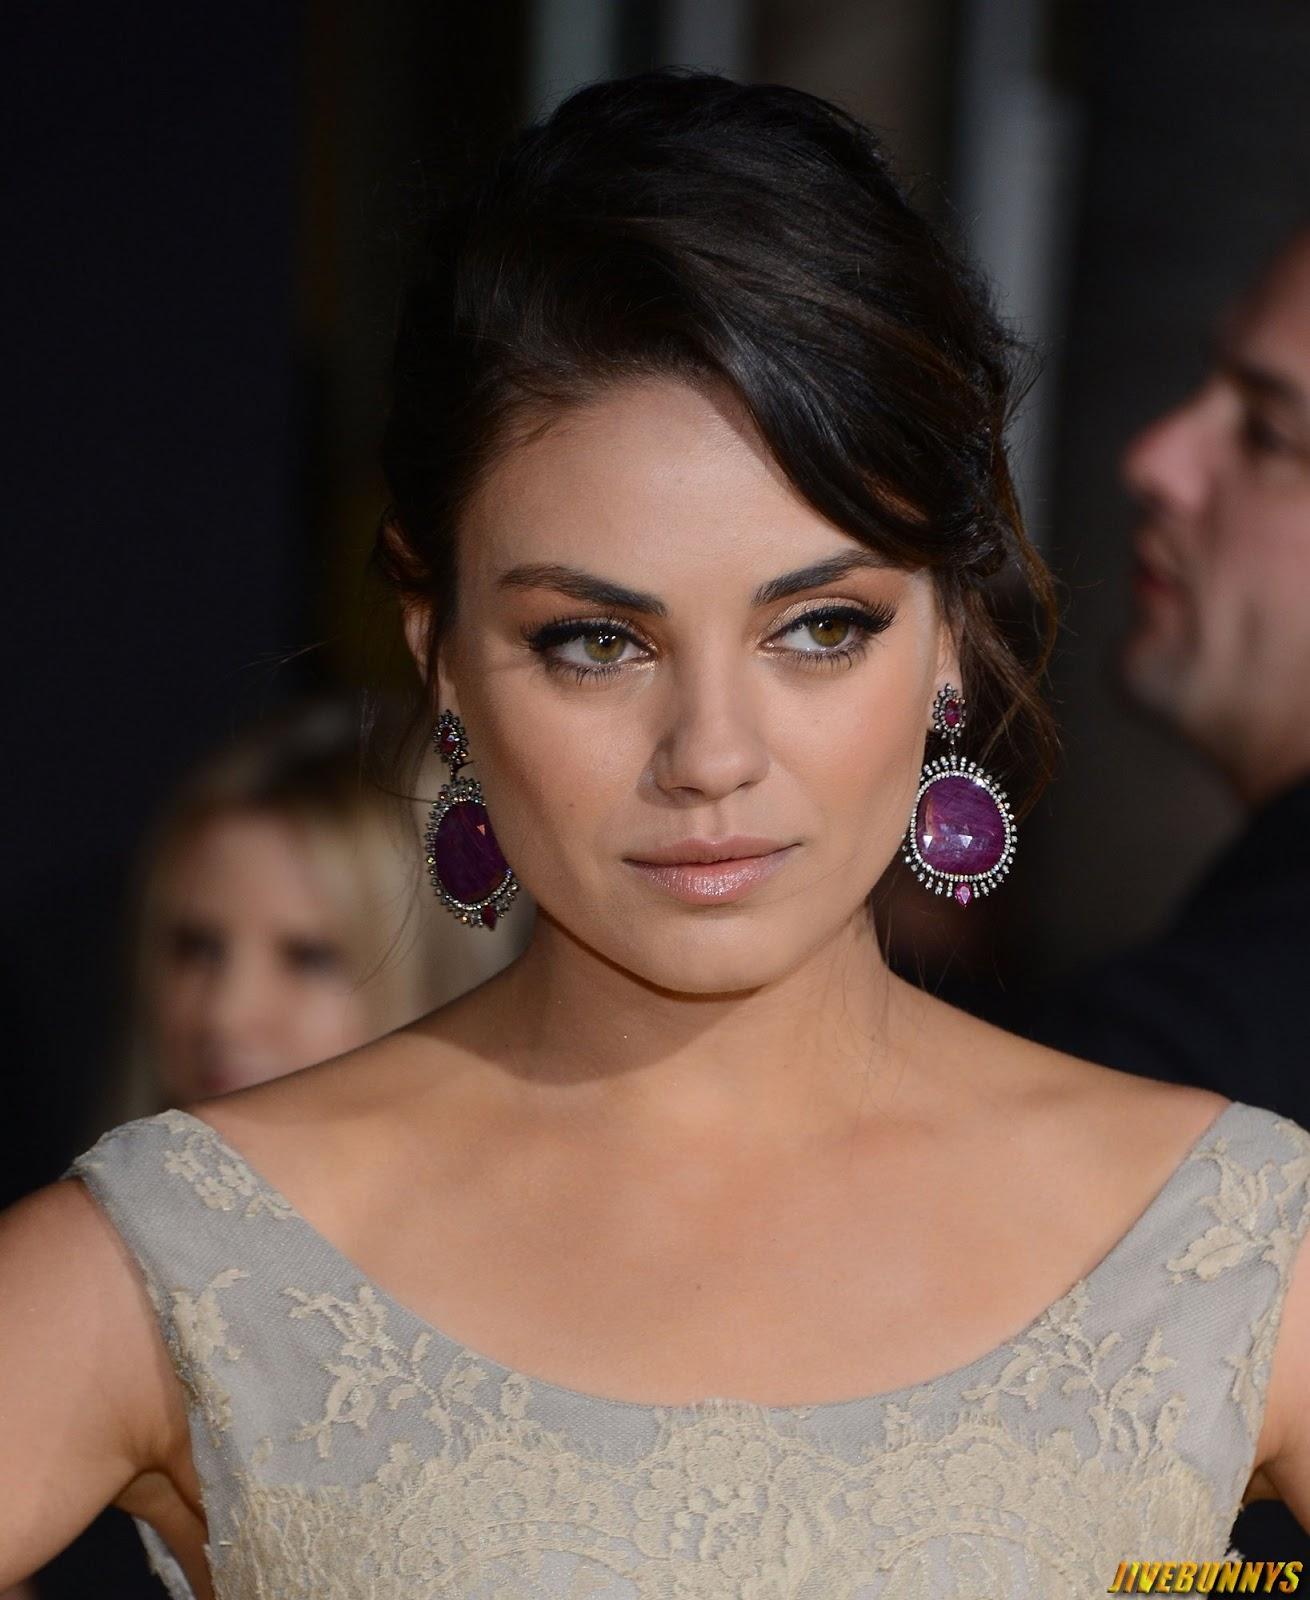 Mila Kunis Hot Actress S Gallery